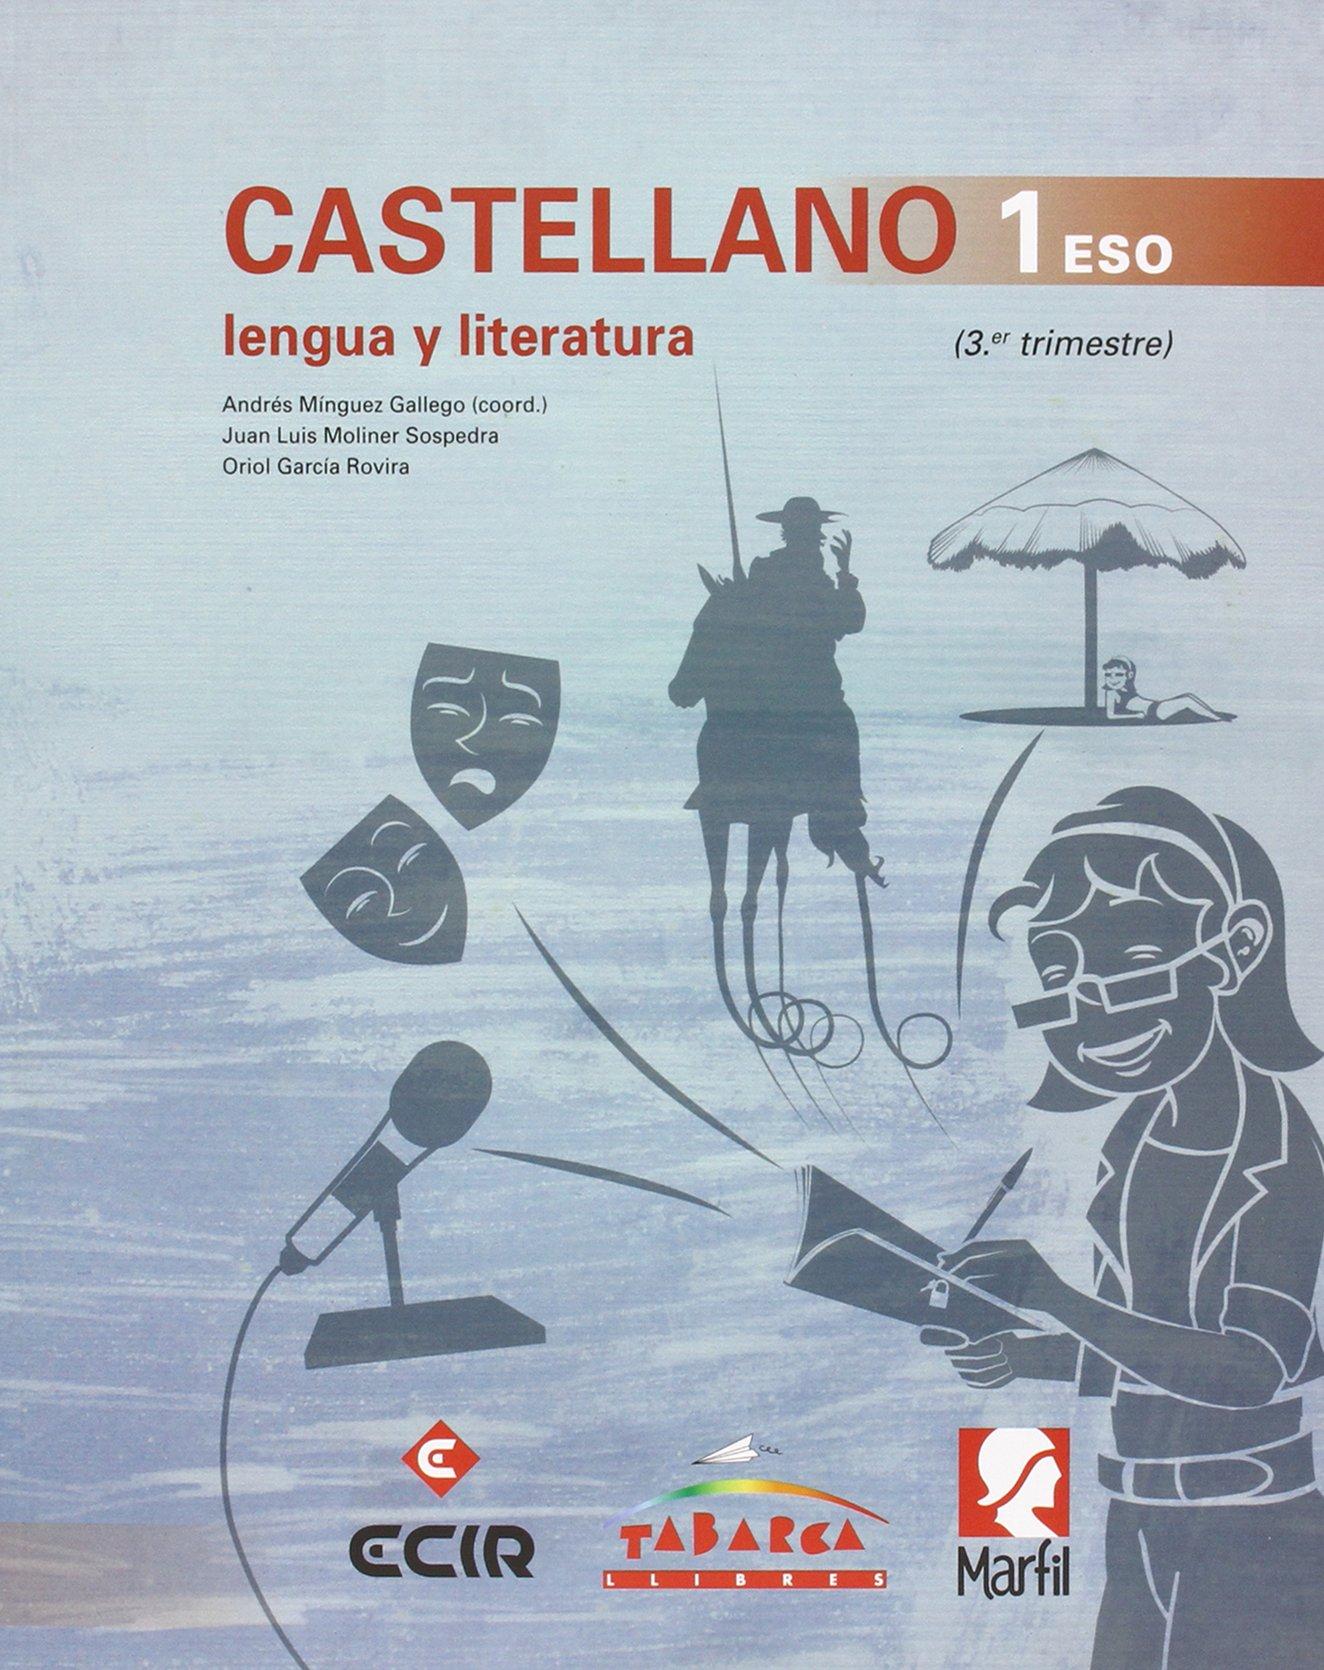 CASTELLANO, LENGUA Y LITERATURA 1 ESO - Pack de 3 libros - 9788480253840: Amazon.es: Mínguez Gallego, Andrés, Moliner Sospedra, Juan Luis, García Rovira, Oriol: Libros